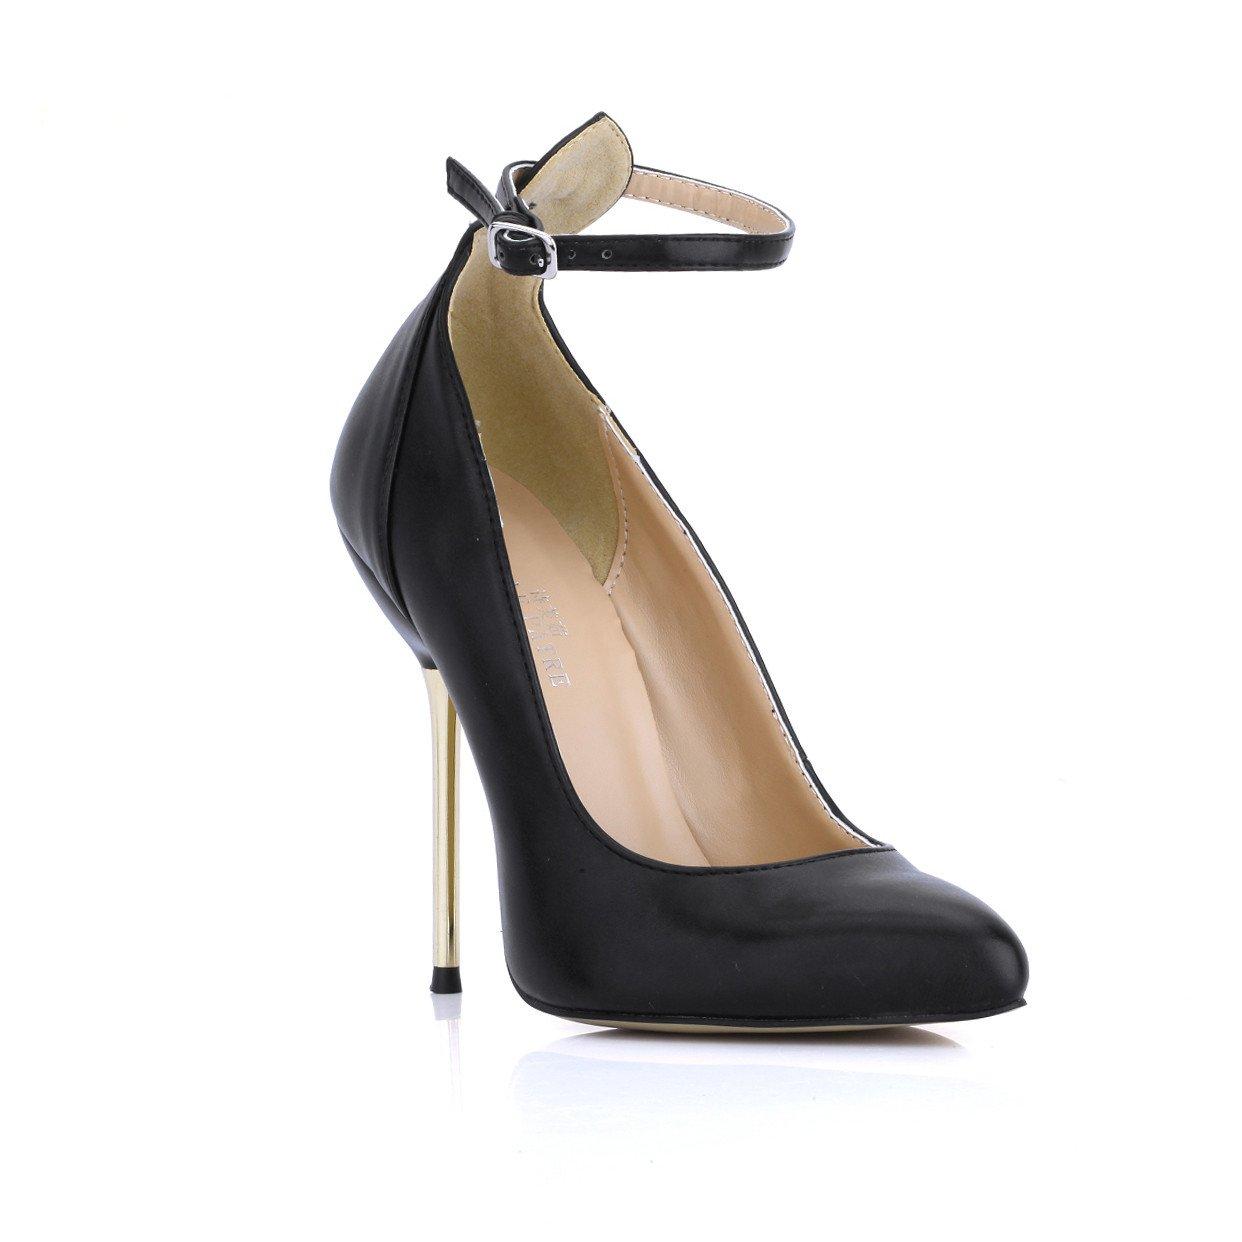 Noir Chaussures femmes le tempérament et le printemps nouveau noir bout pointu chaussures à haut talon sexy et le dîner sur un fond rouge chaussures US8.5   EU39   UK6.5   CN40